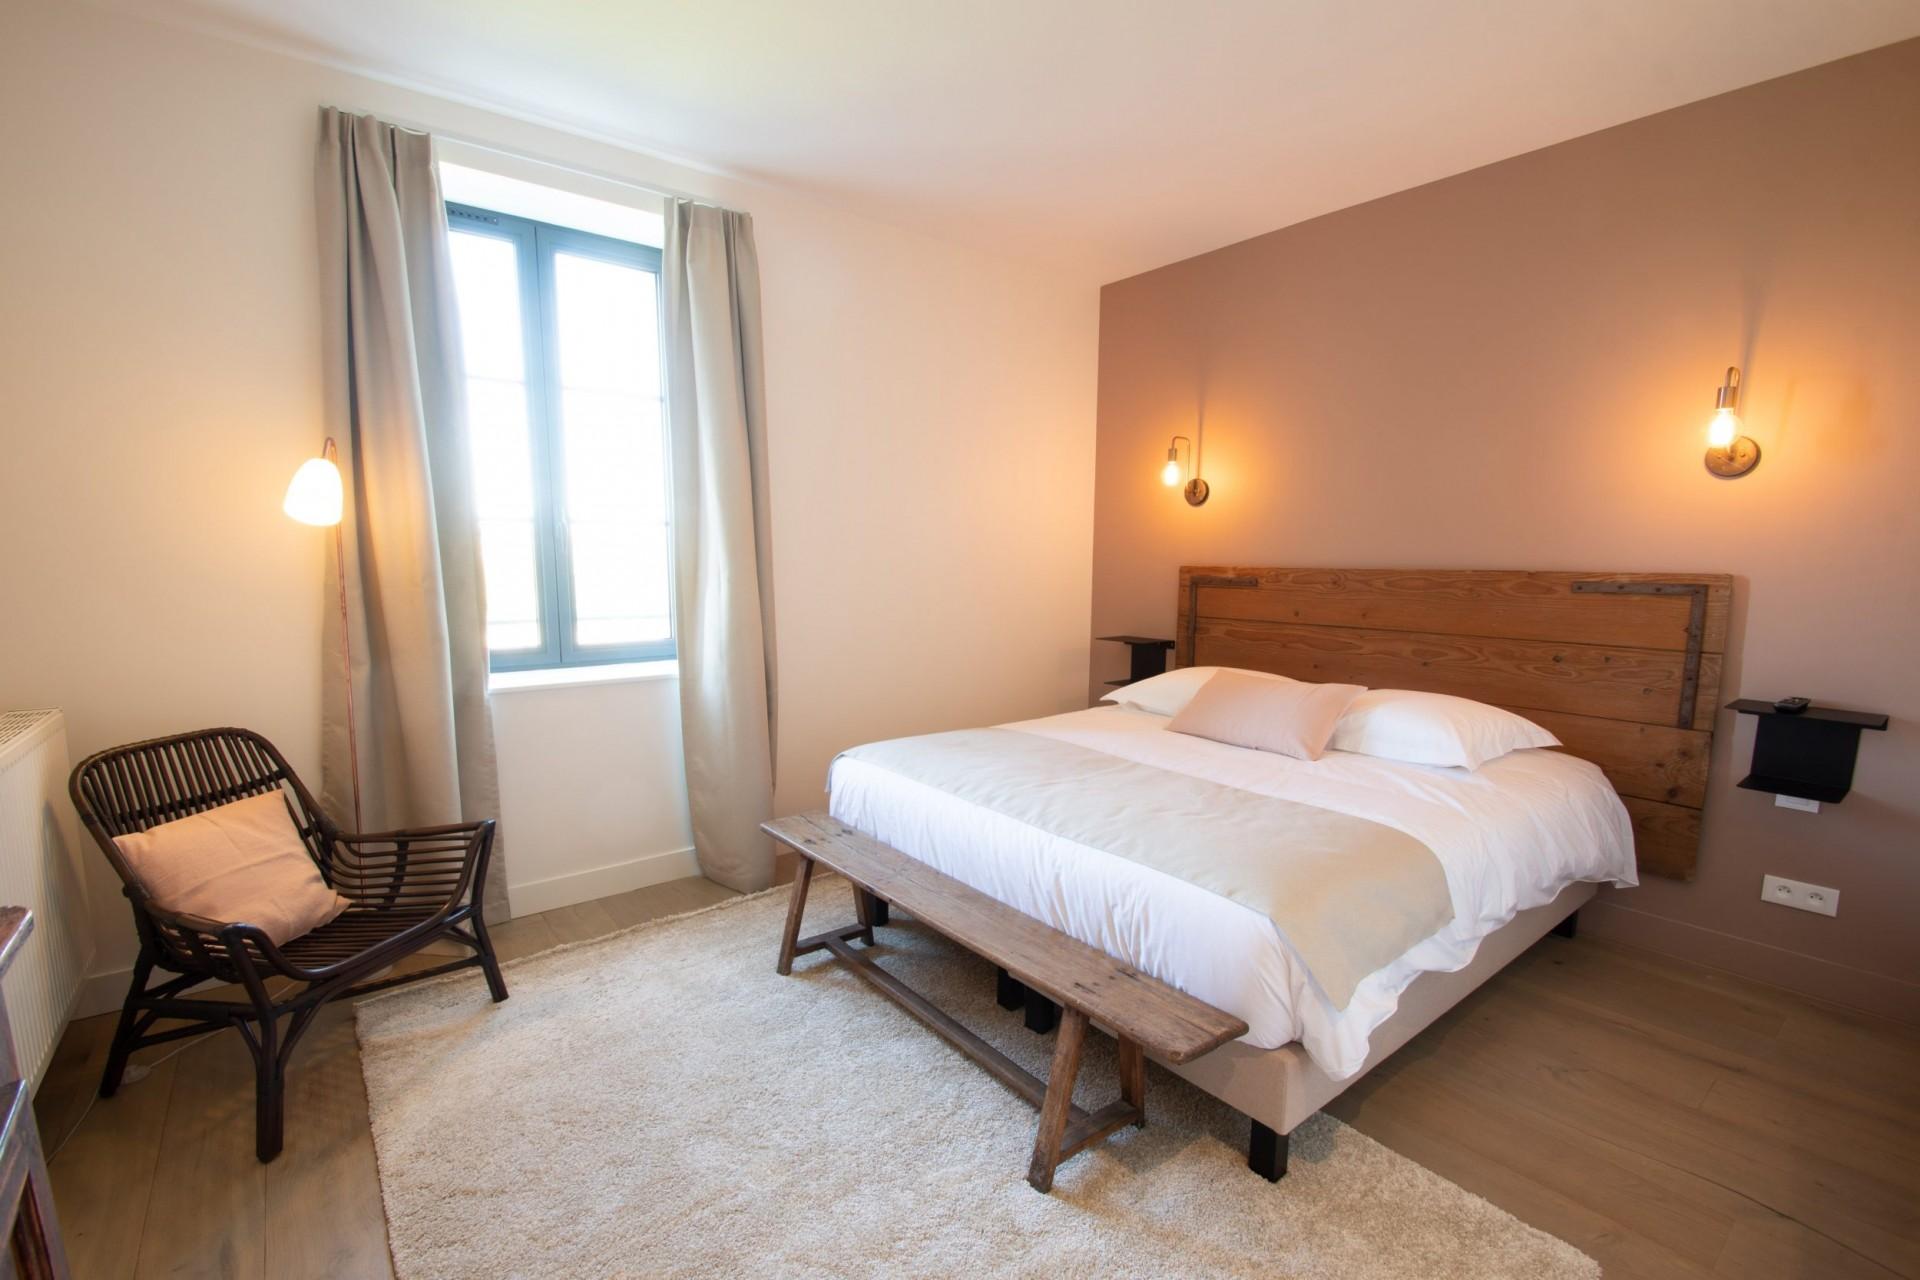 chambre_double_villa_24h